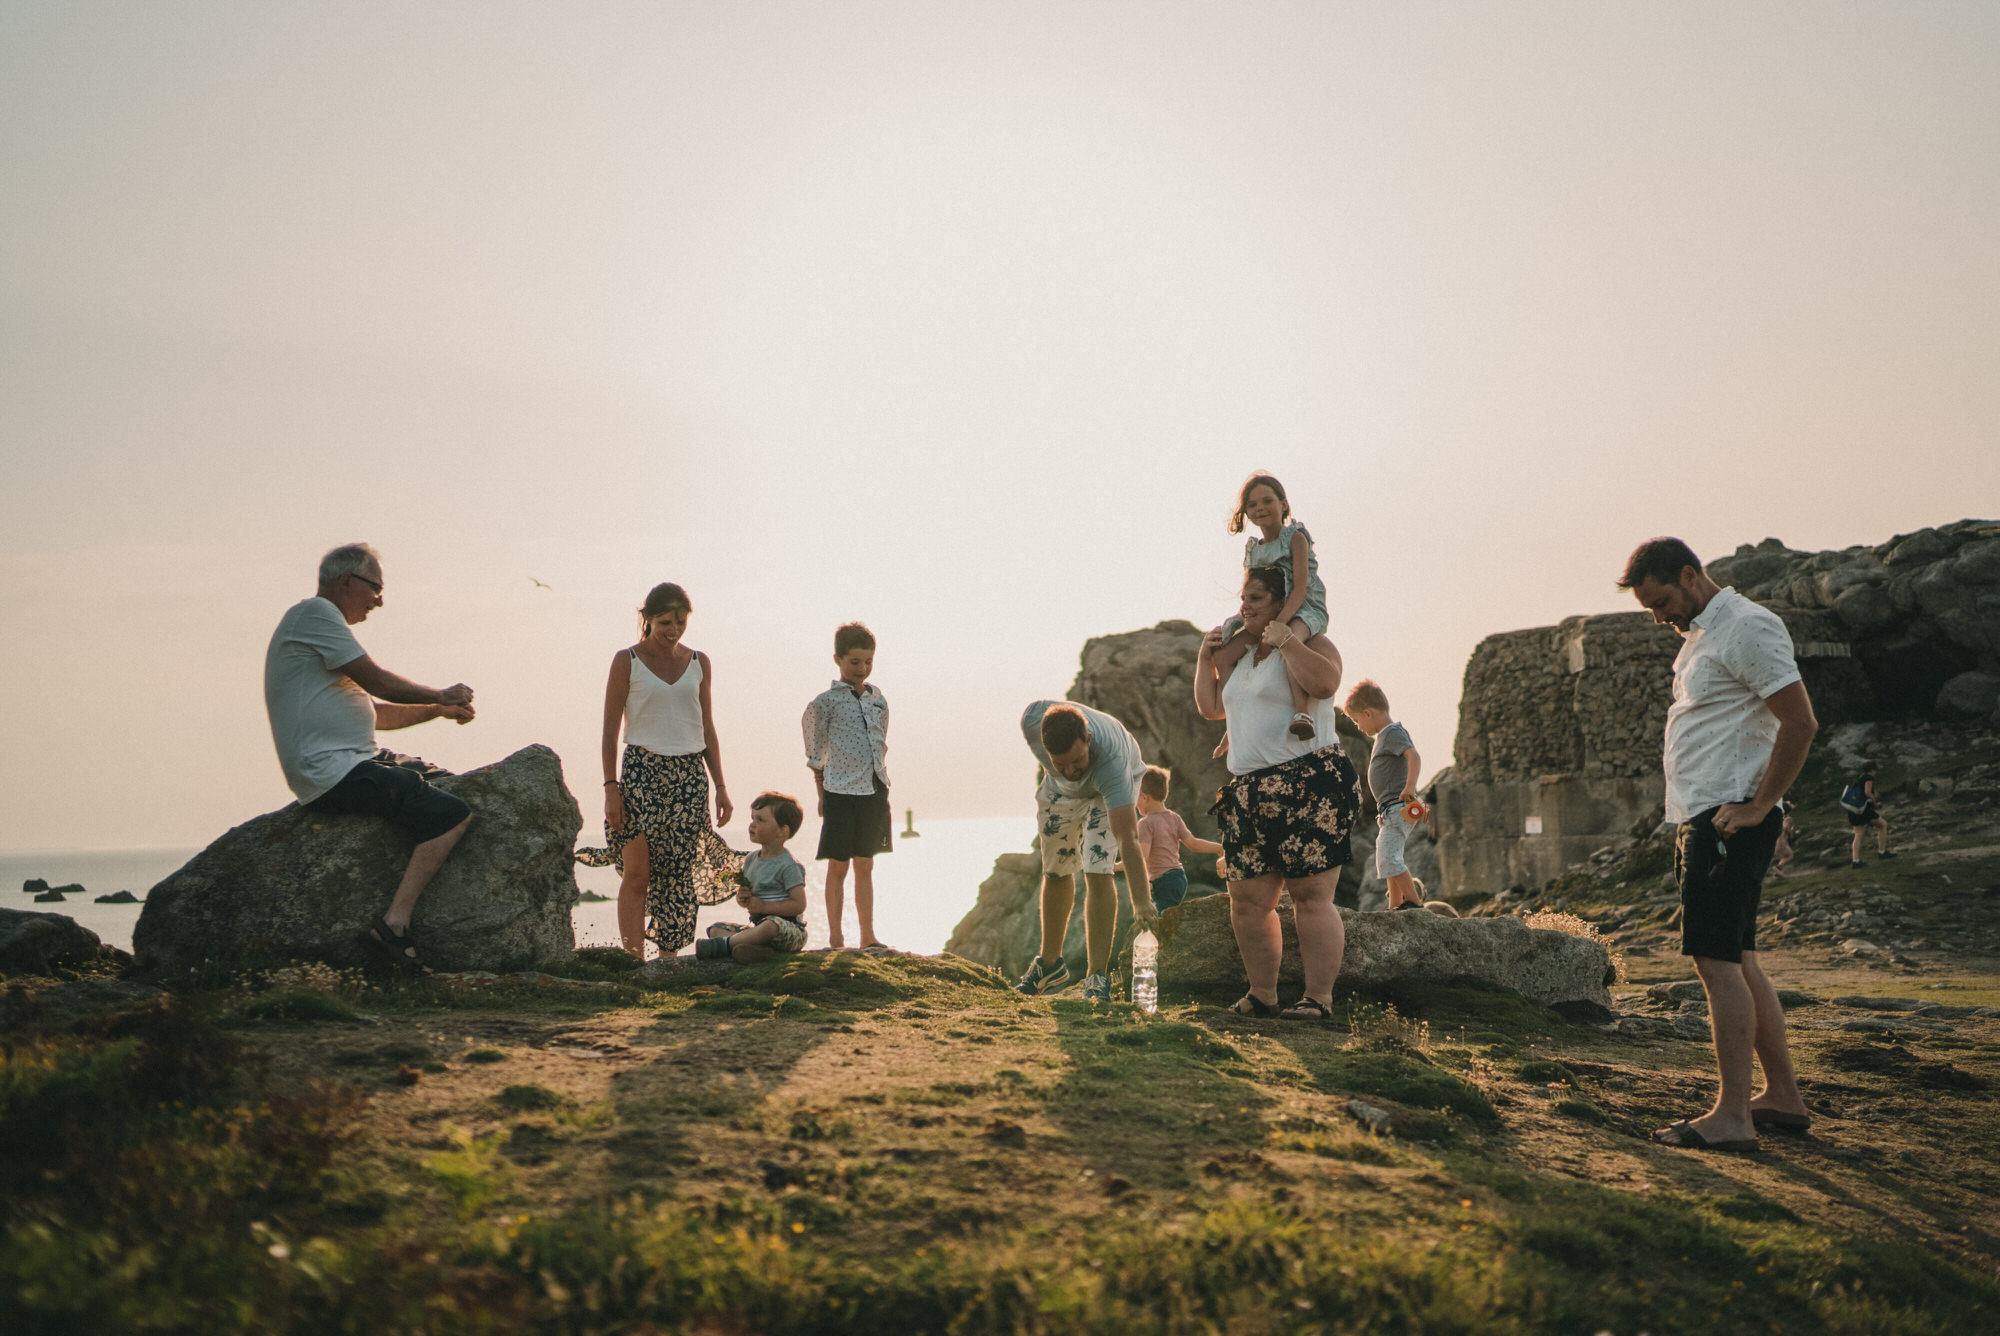 2021.07.20 Photo De Famille A Porspoder En Bretagne Par Antoine Borzeix 172, Photographe & Videaste à Brest / Finistère